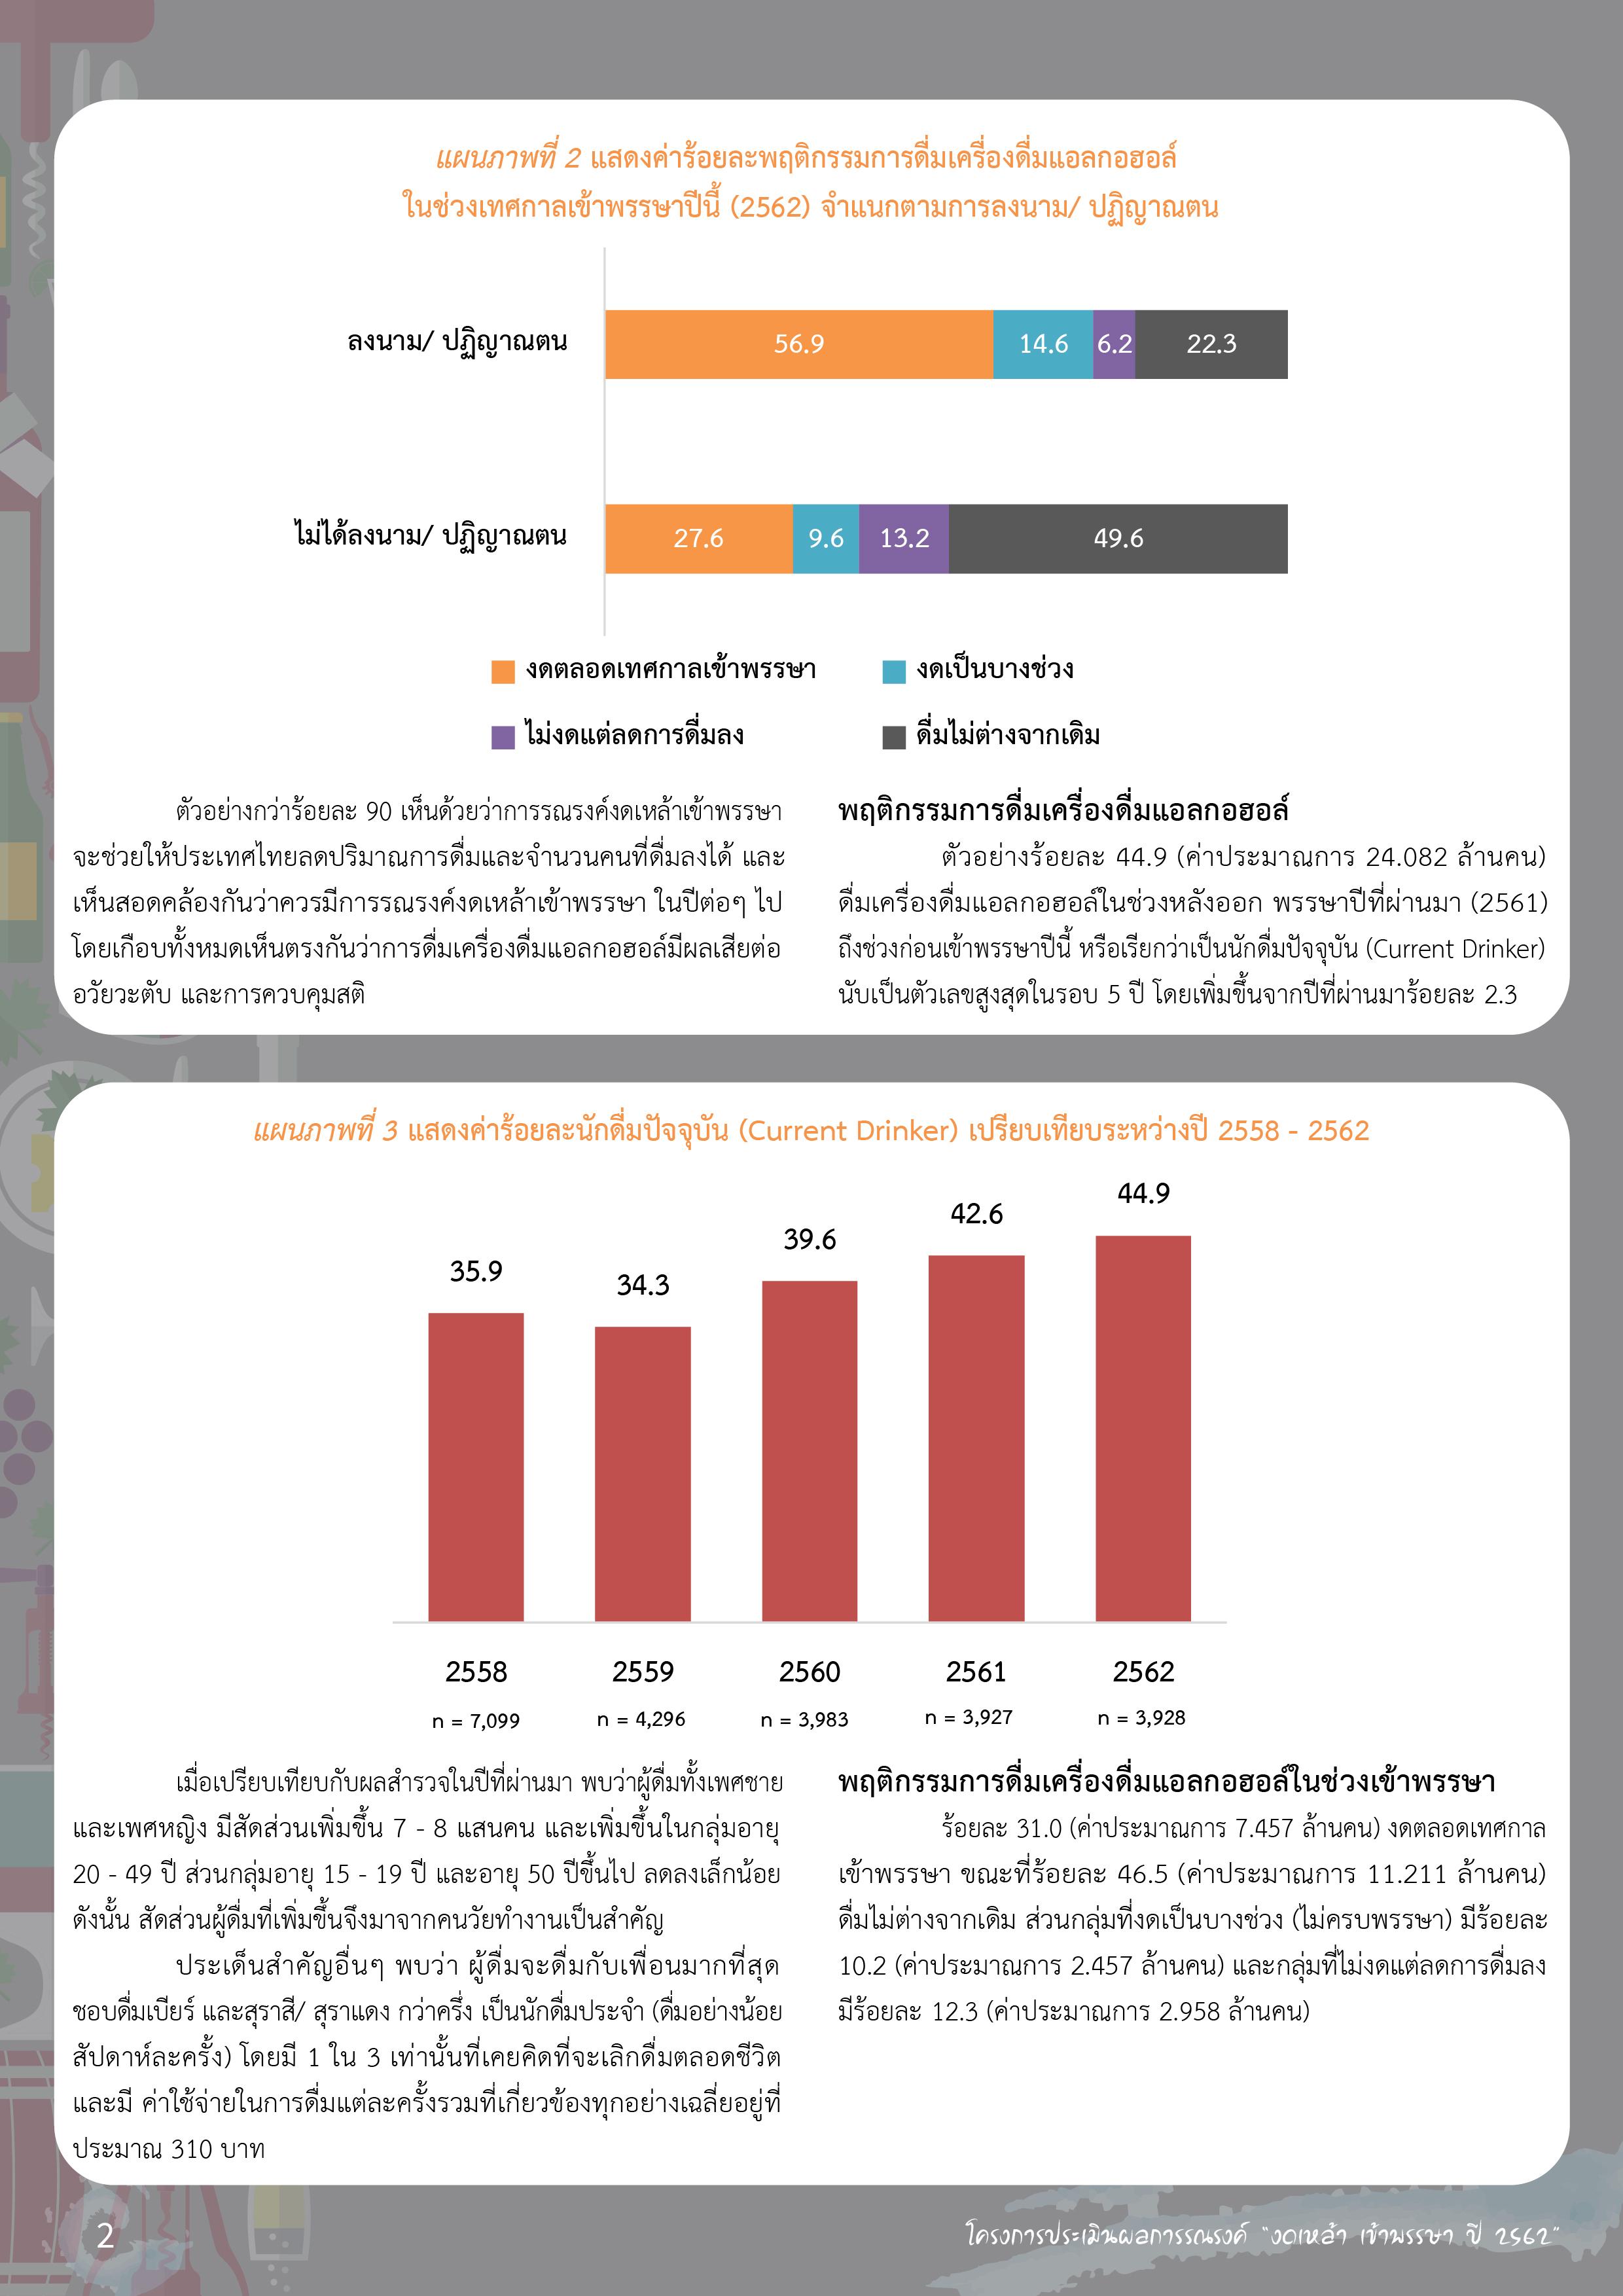 ออกพรรษา ลาเหล้า thaihealth